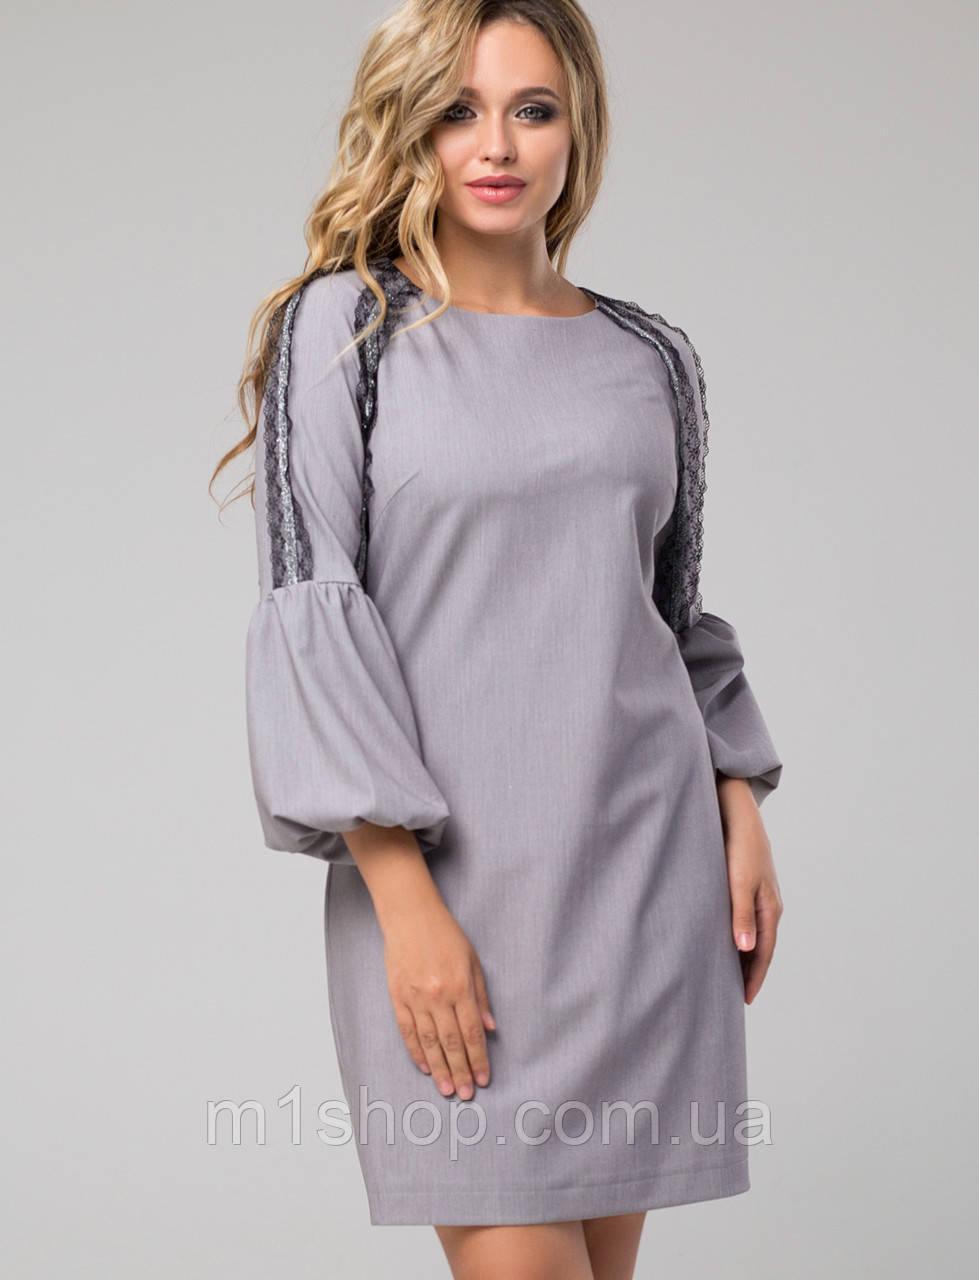 Женское платье с расклешенными манжетами и кружевом (Альфреда lzn)